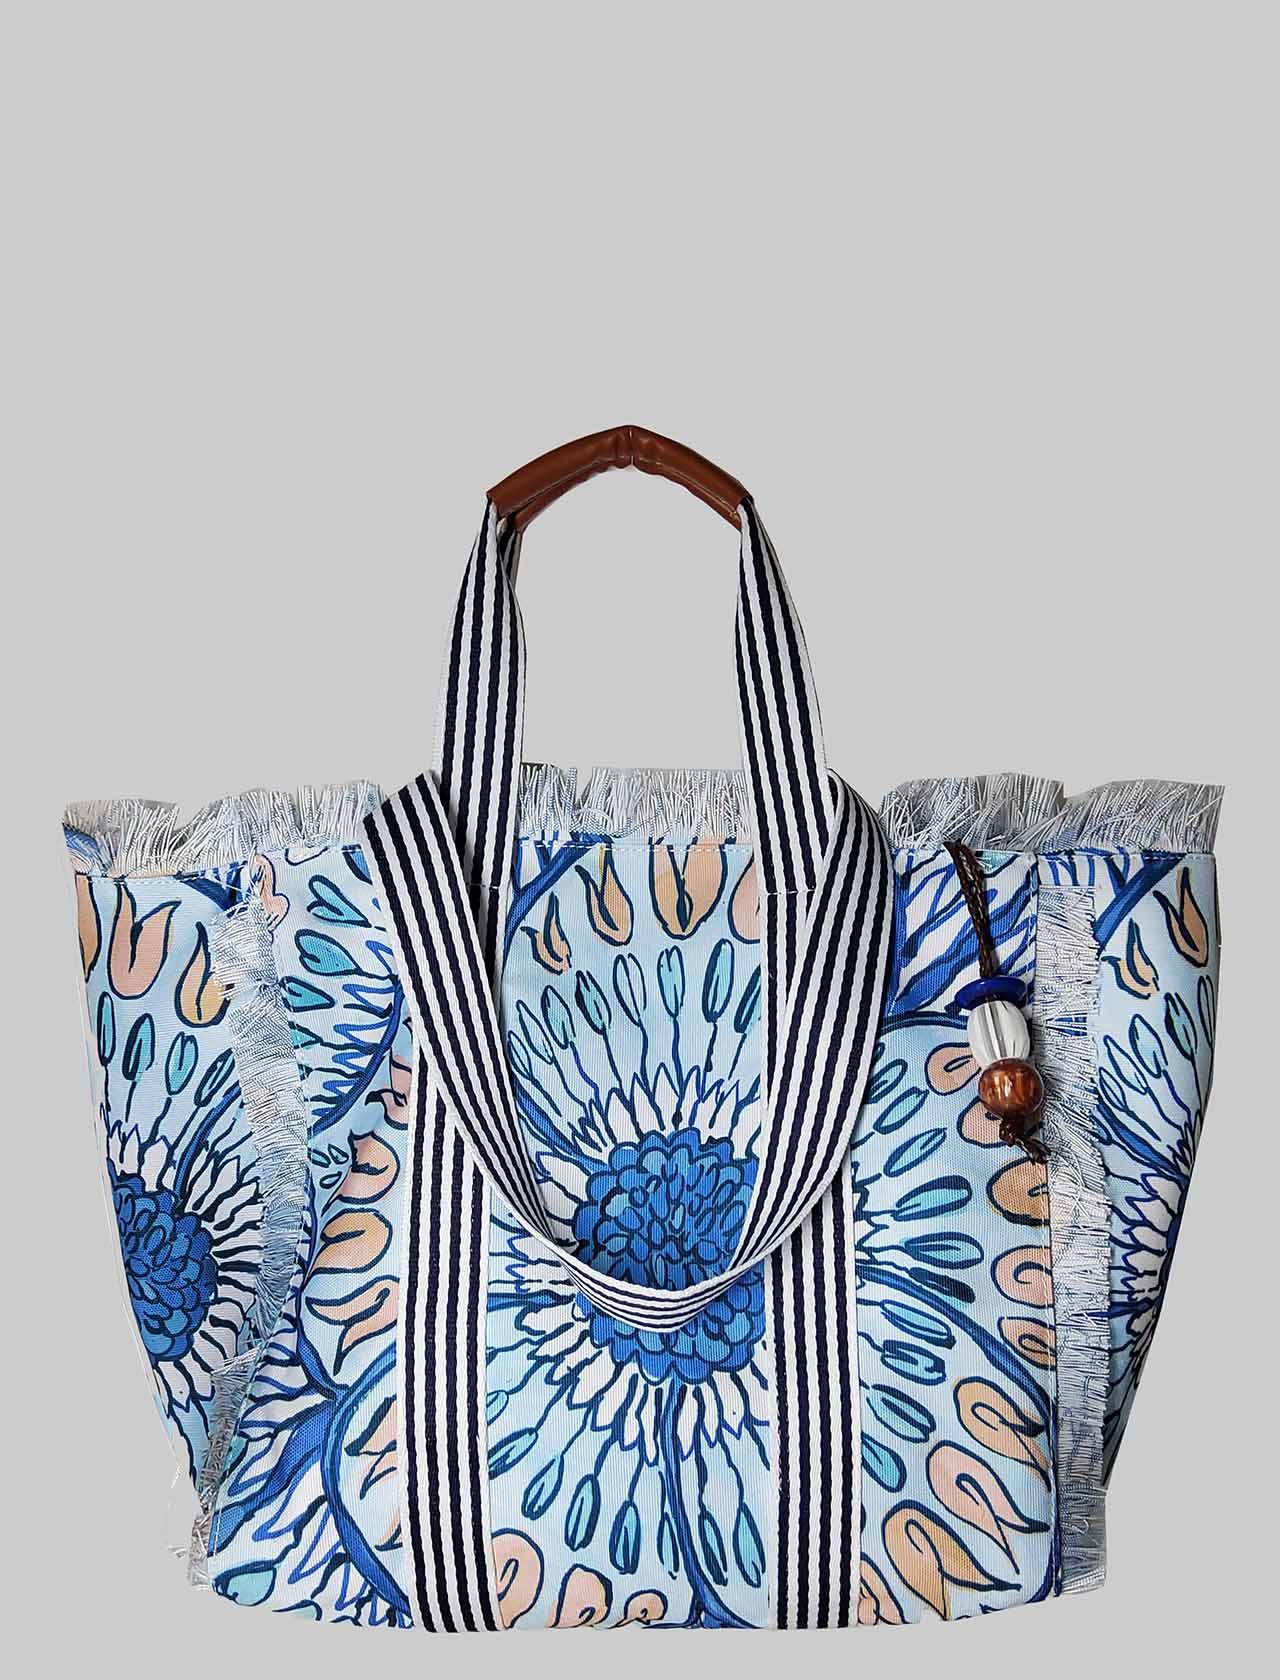 Borsa Donna Shopping Summer Breakfast in Cotone Fantasia Azzurro e Blu Maliparmi | Borse e zaini | BH026010134A8146